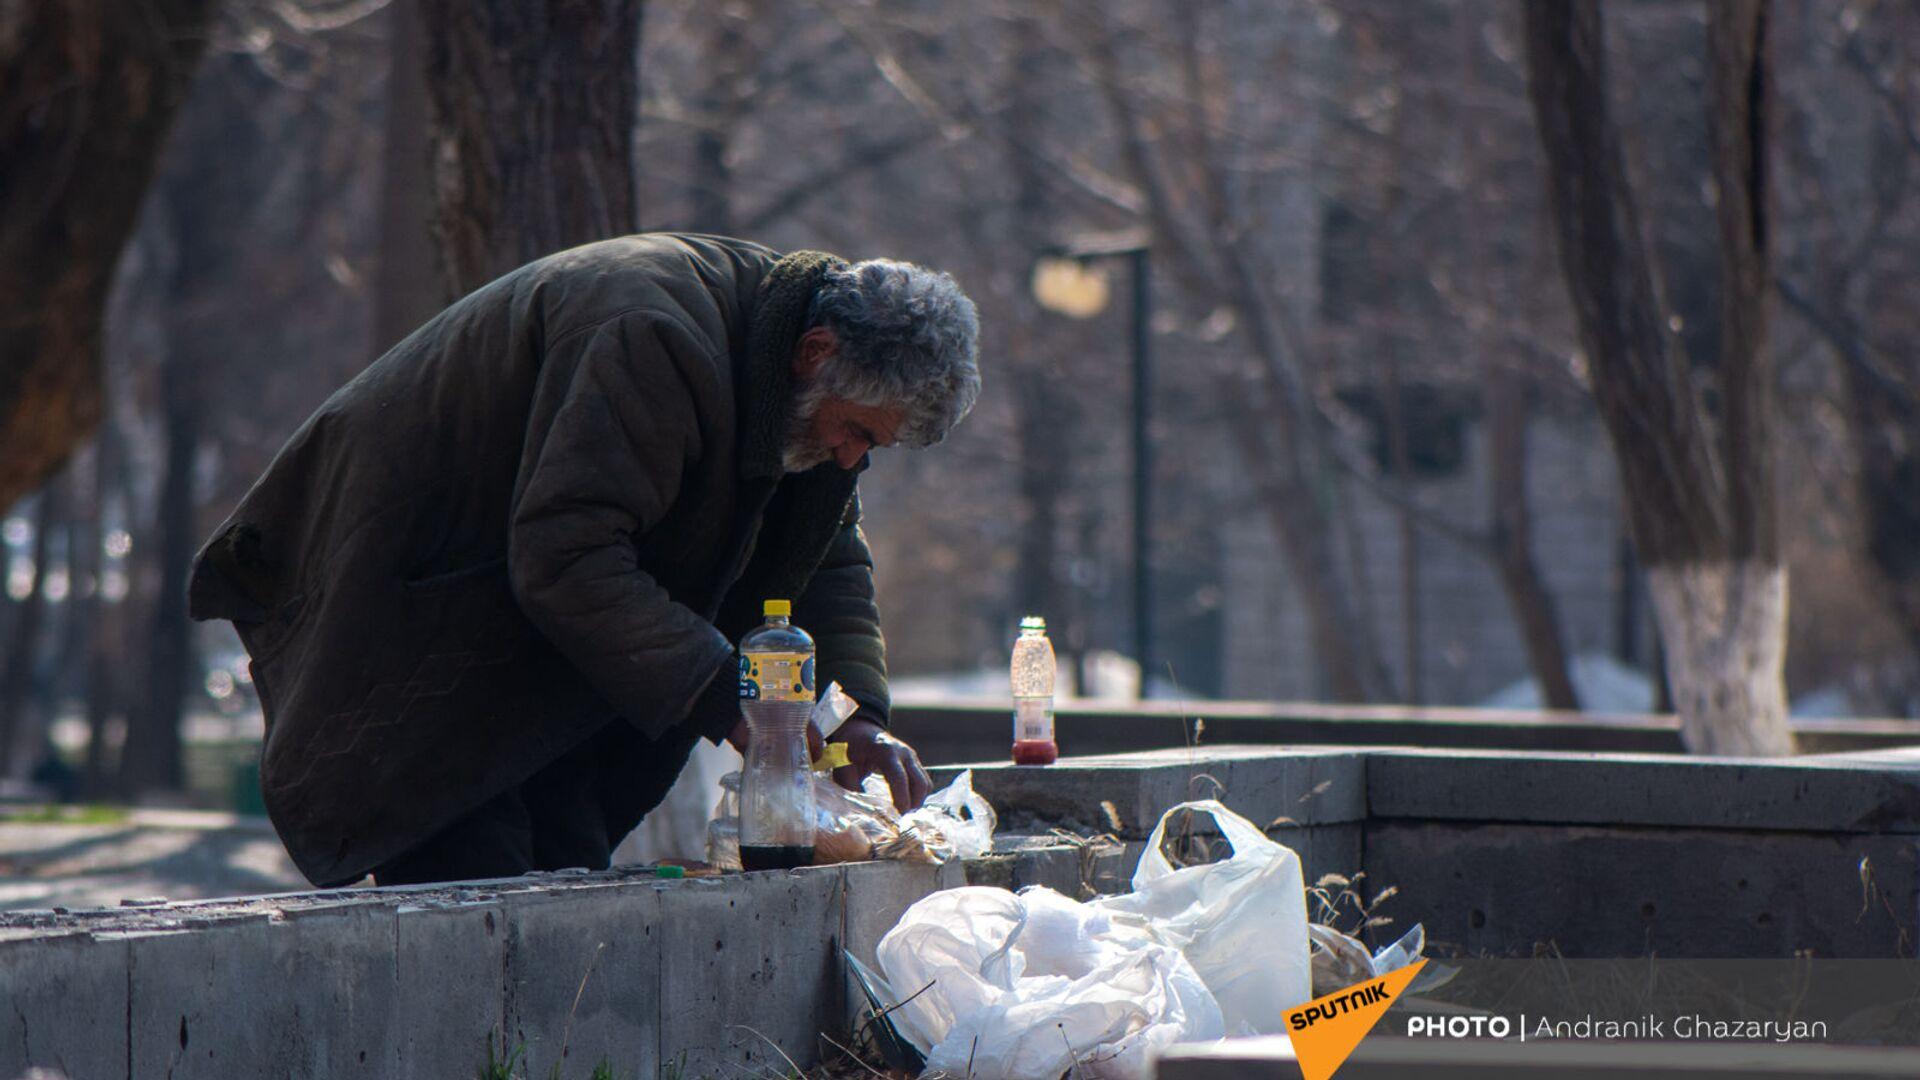 Бездомный мужчина обедает в городском парке - Sputnik Армения, 1920, 14.10.2021